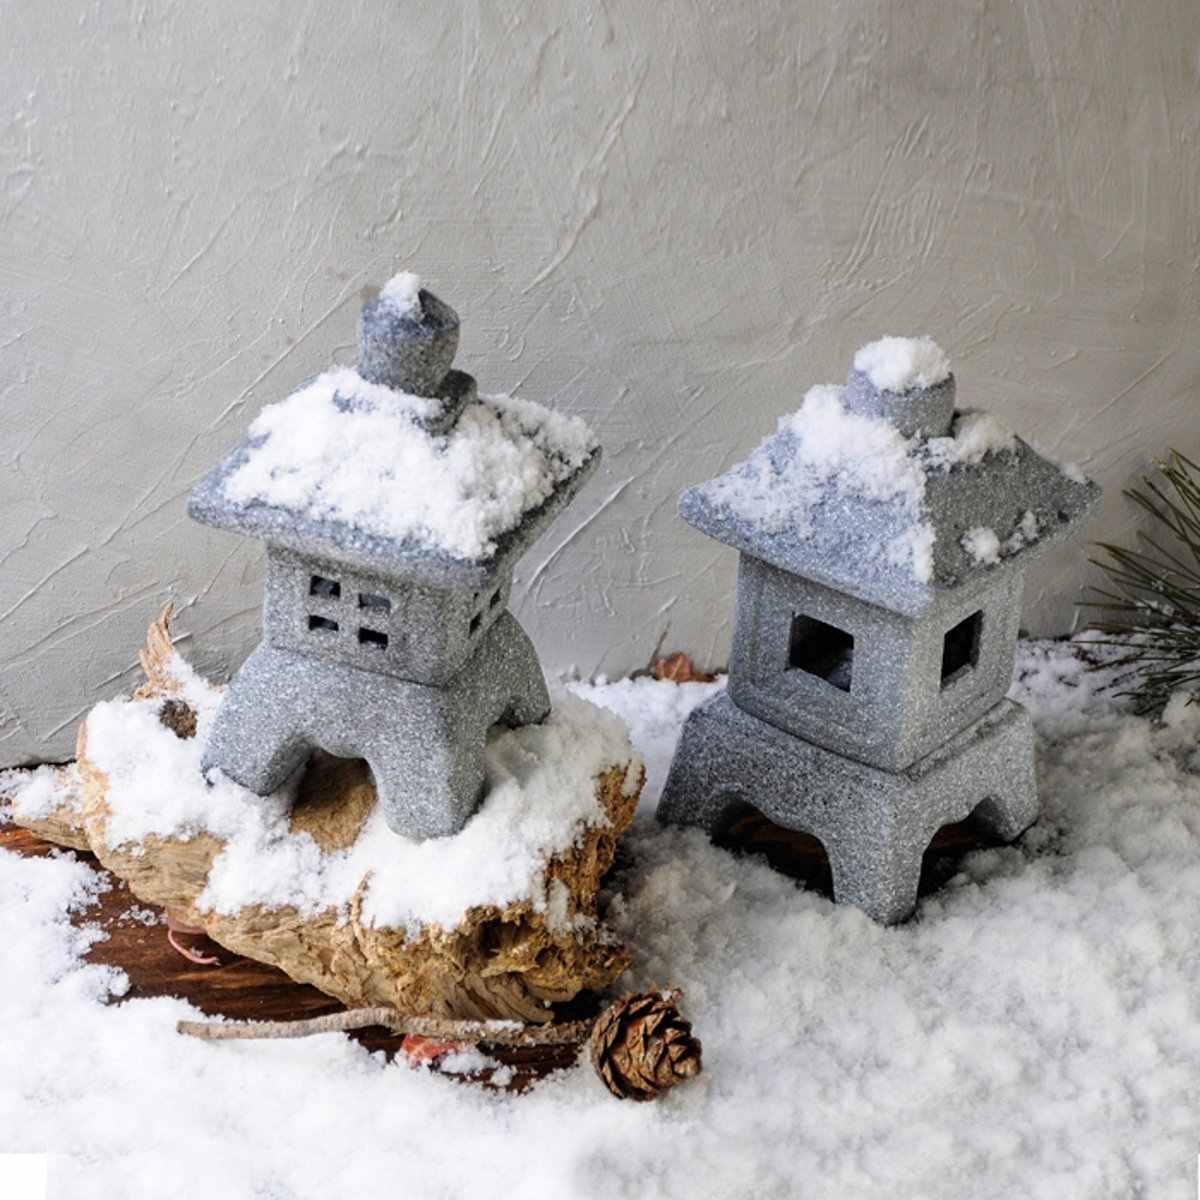 Японский стиль керамический Сад орнамент пагода сад двора скульптура фонарь рукодельные свечи держатель патио домашнее украшение Чайный домик